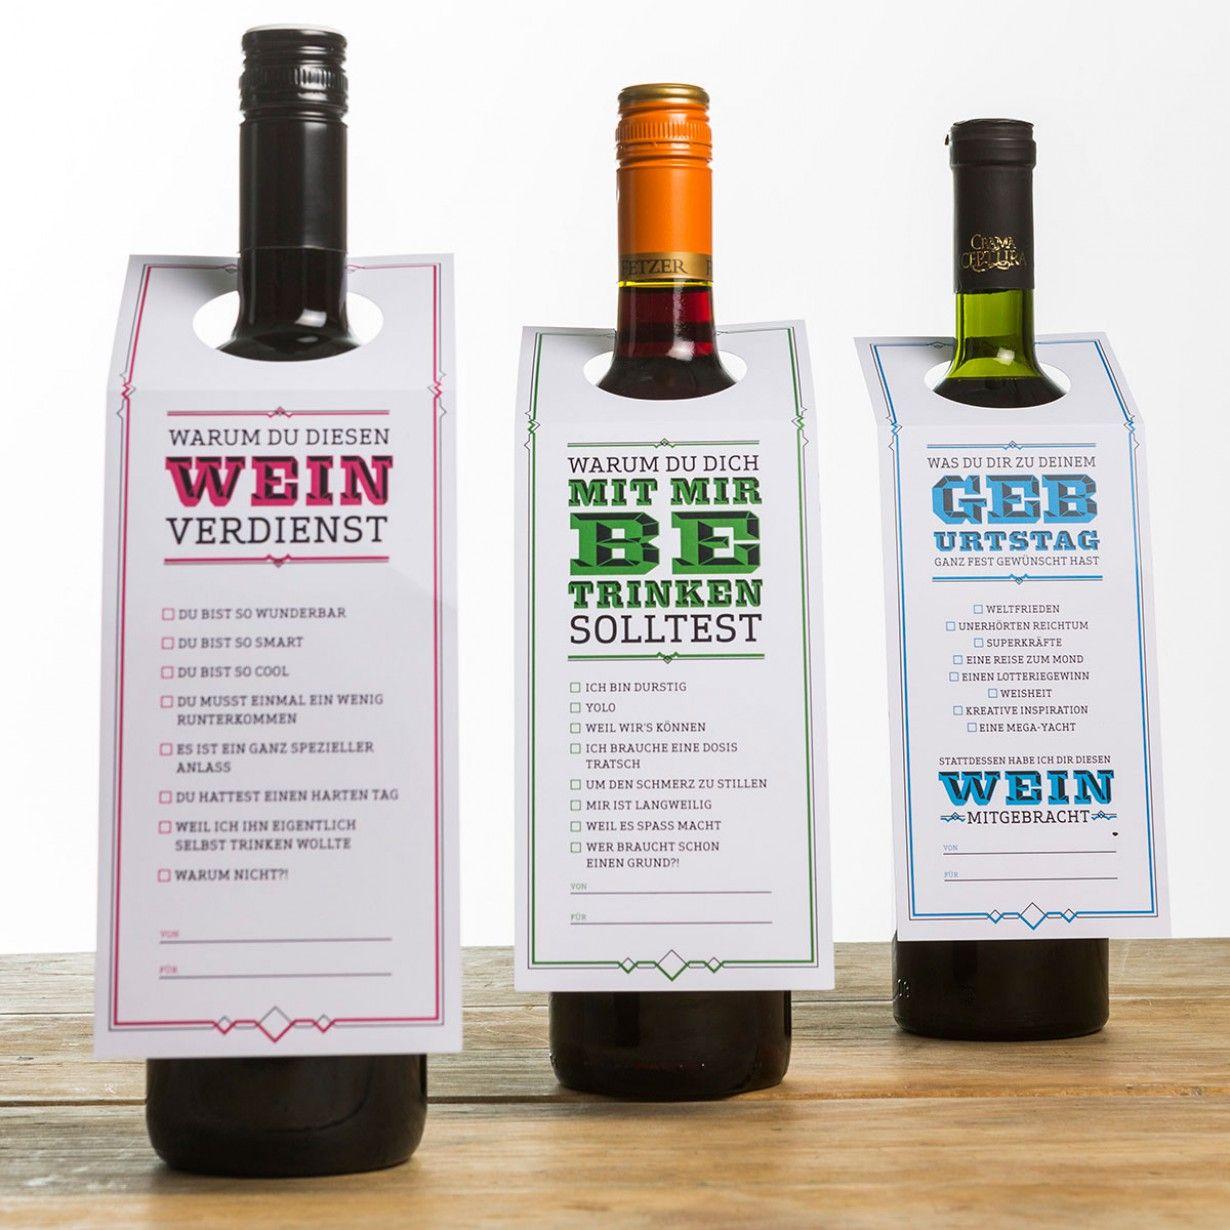 Geschenk-Etiketten für eine gute Flasche Wein | Tani | Pinterest ...